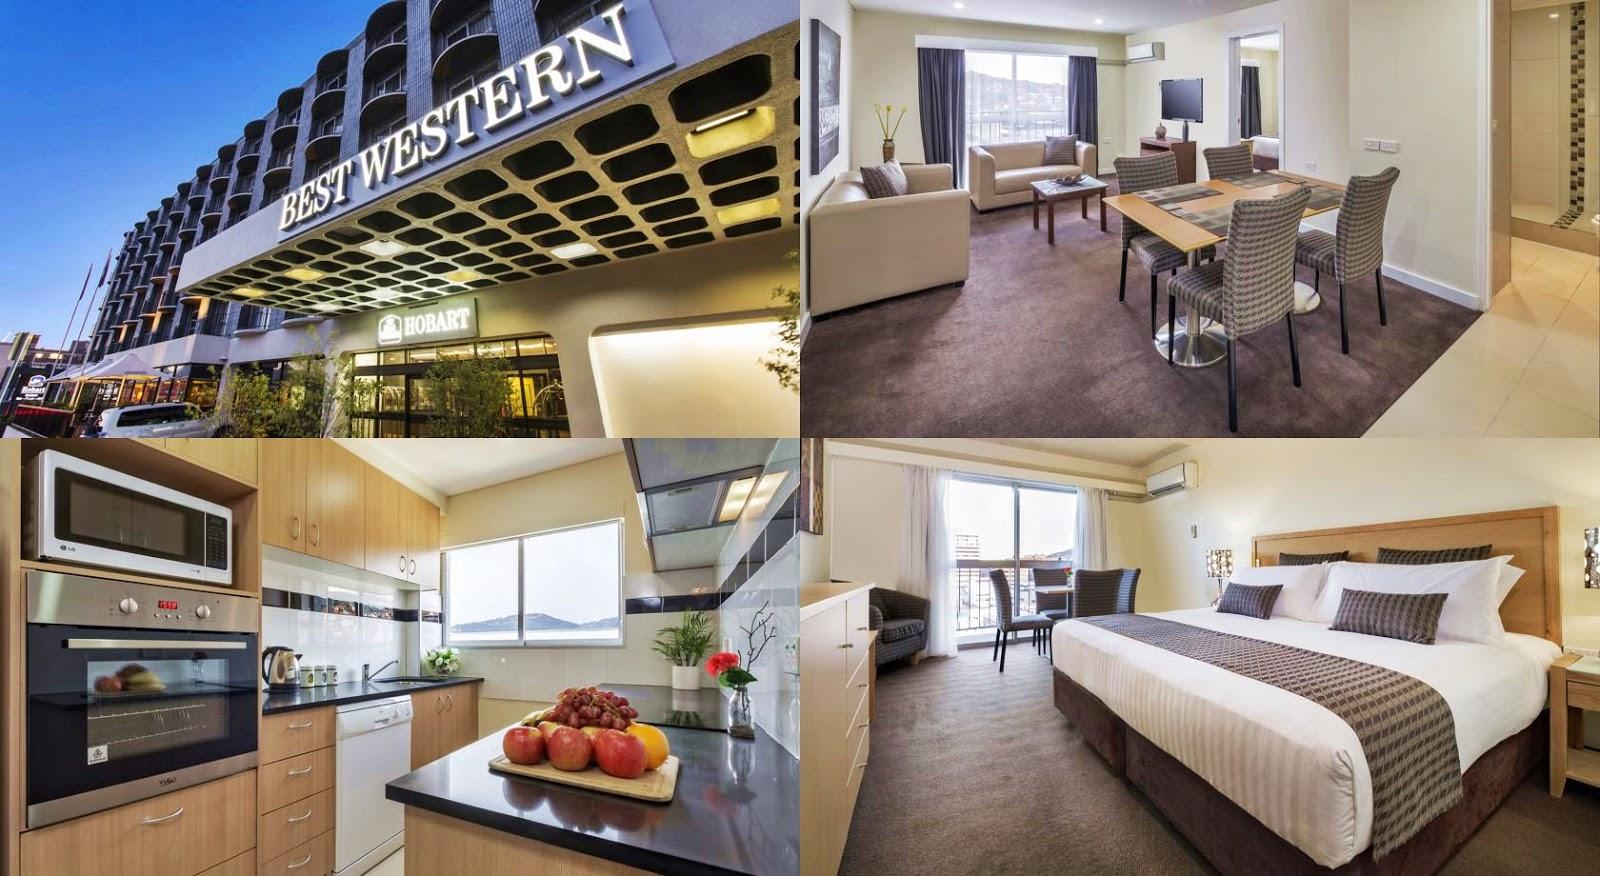 塔斯馬尼亞-住宿-推薦-伯特貝斯特韋斯特酒店-Best-Western-Hobart-旅館-飯店-酒店-民宿-公寓-澳洲-Tasmania-Hotel-Apartment-Accommodation-Australia